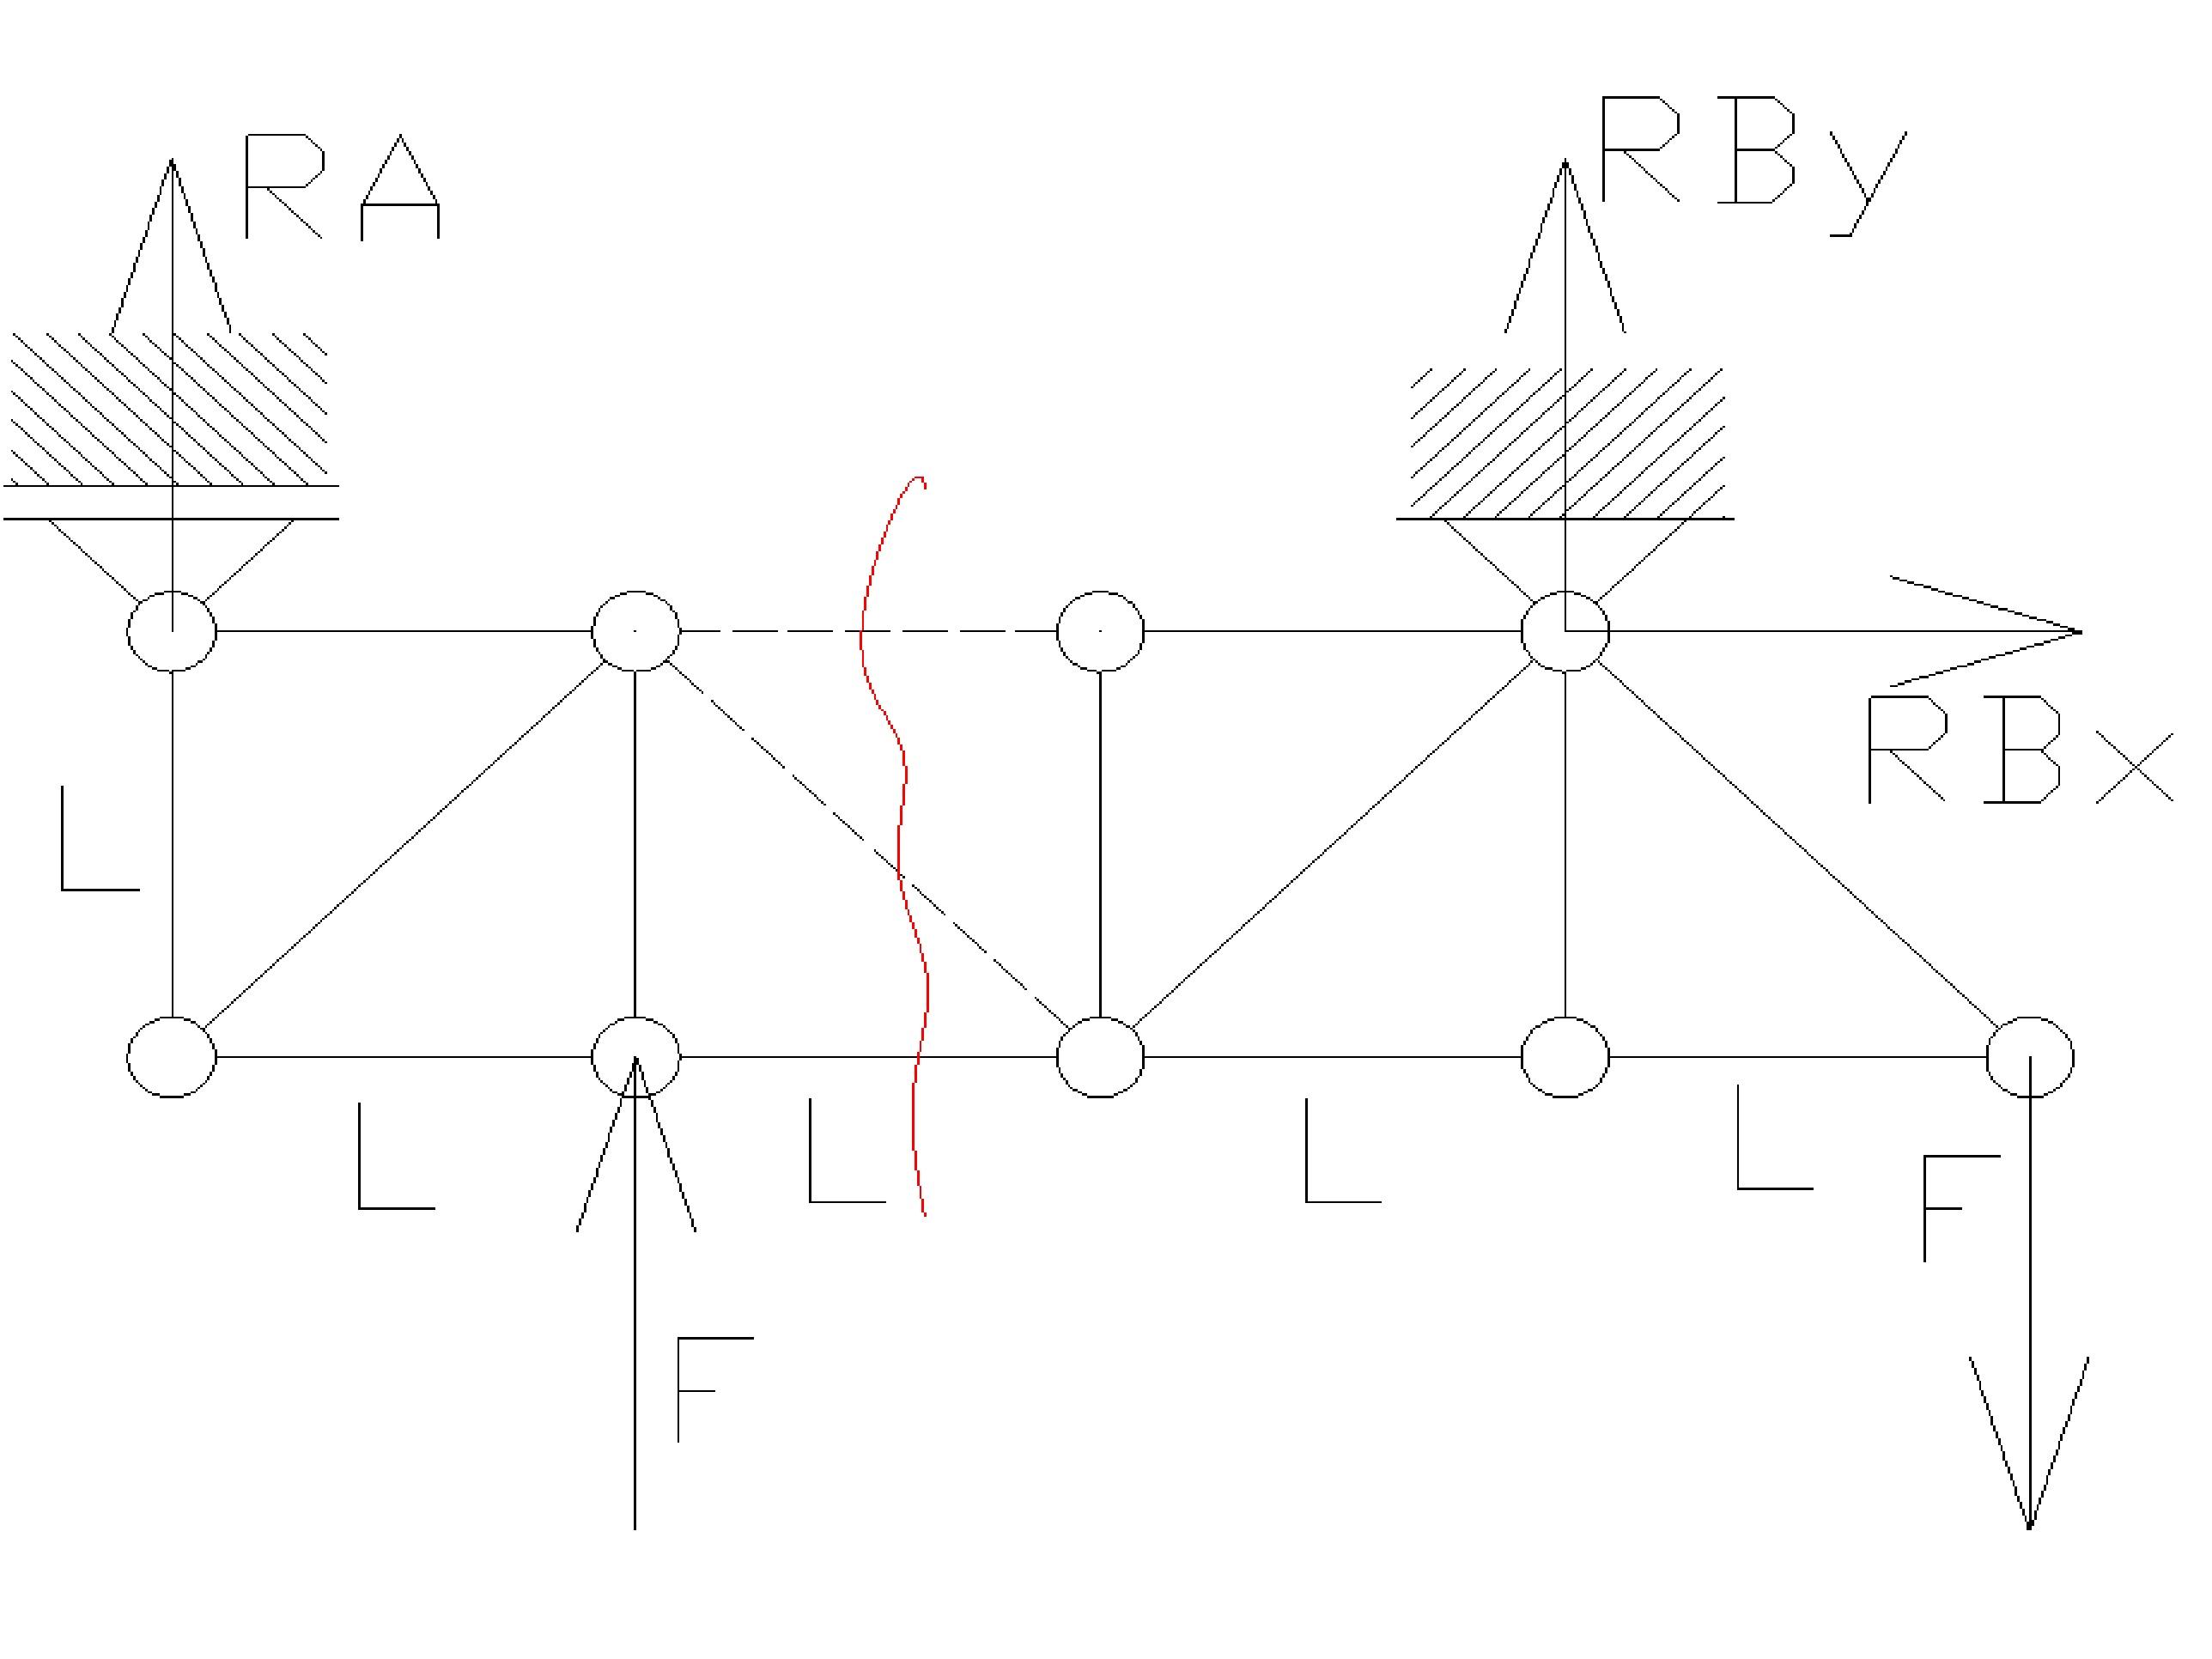 rozciaganie17 - Kratownica - metoda przecięć - statyka -zadanie 28